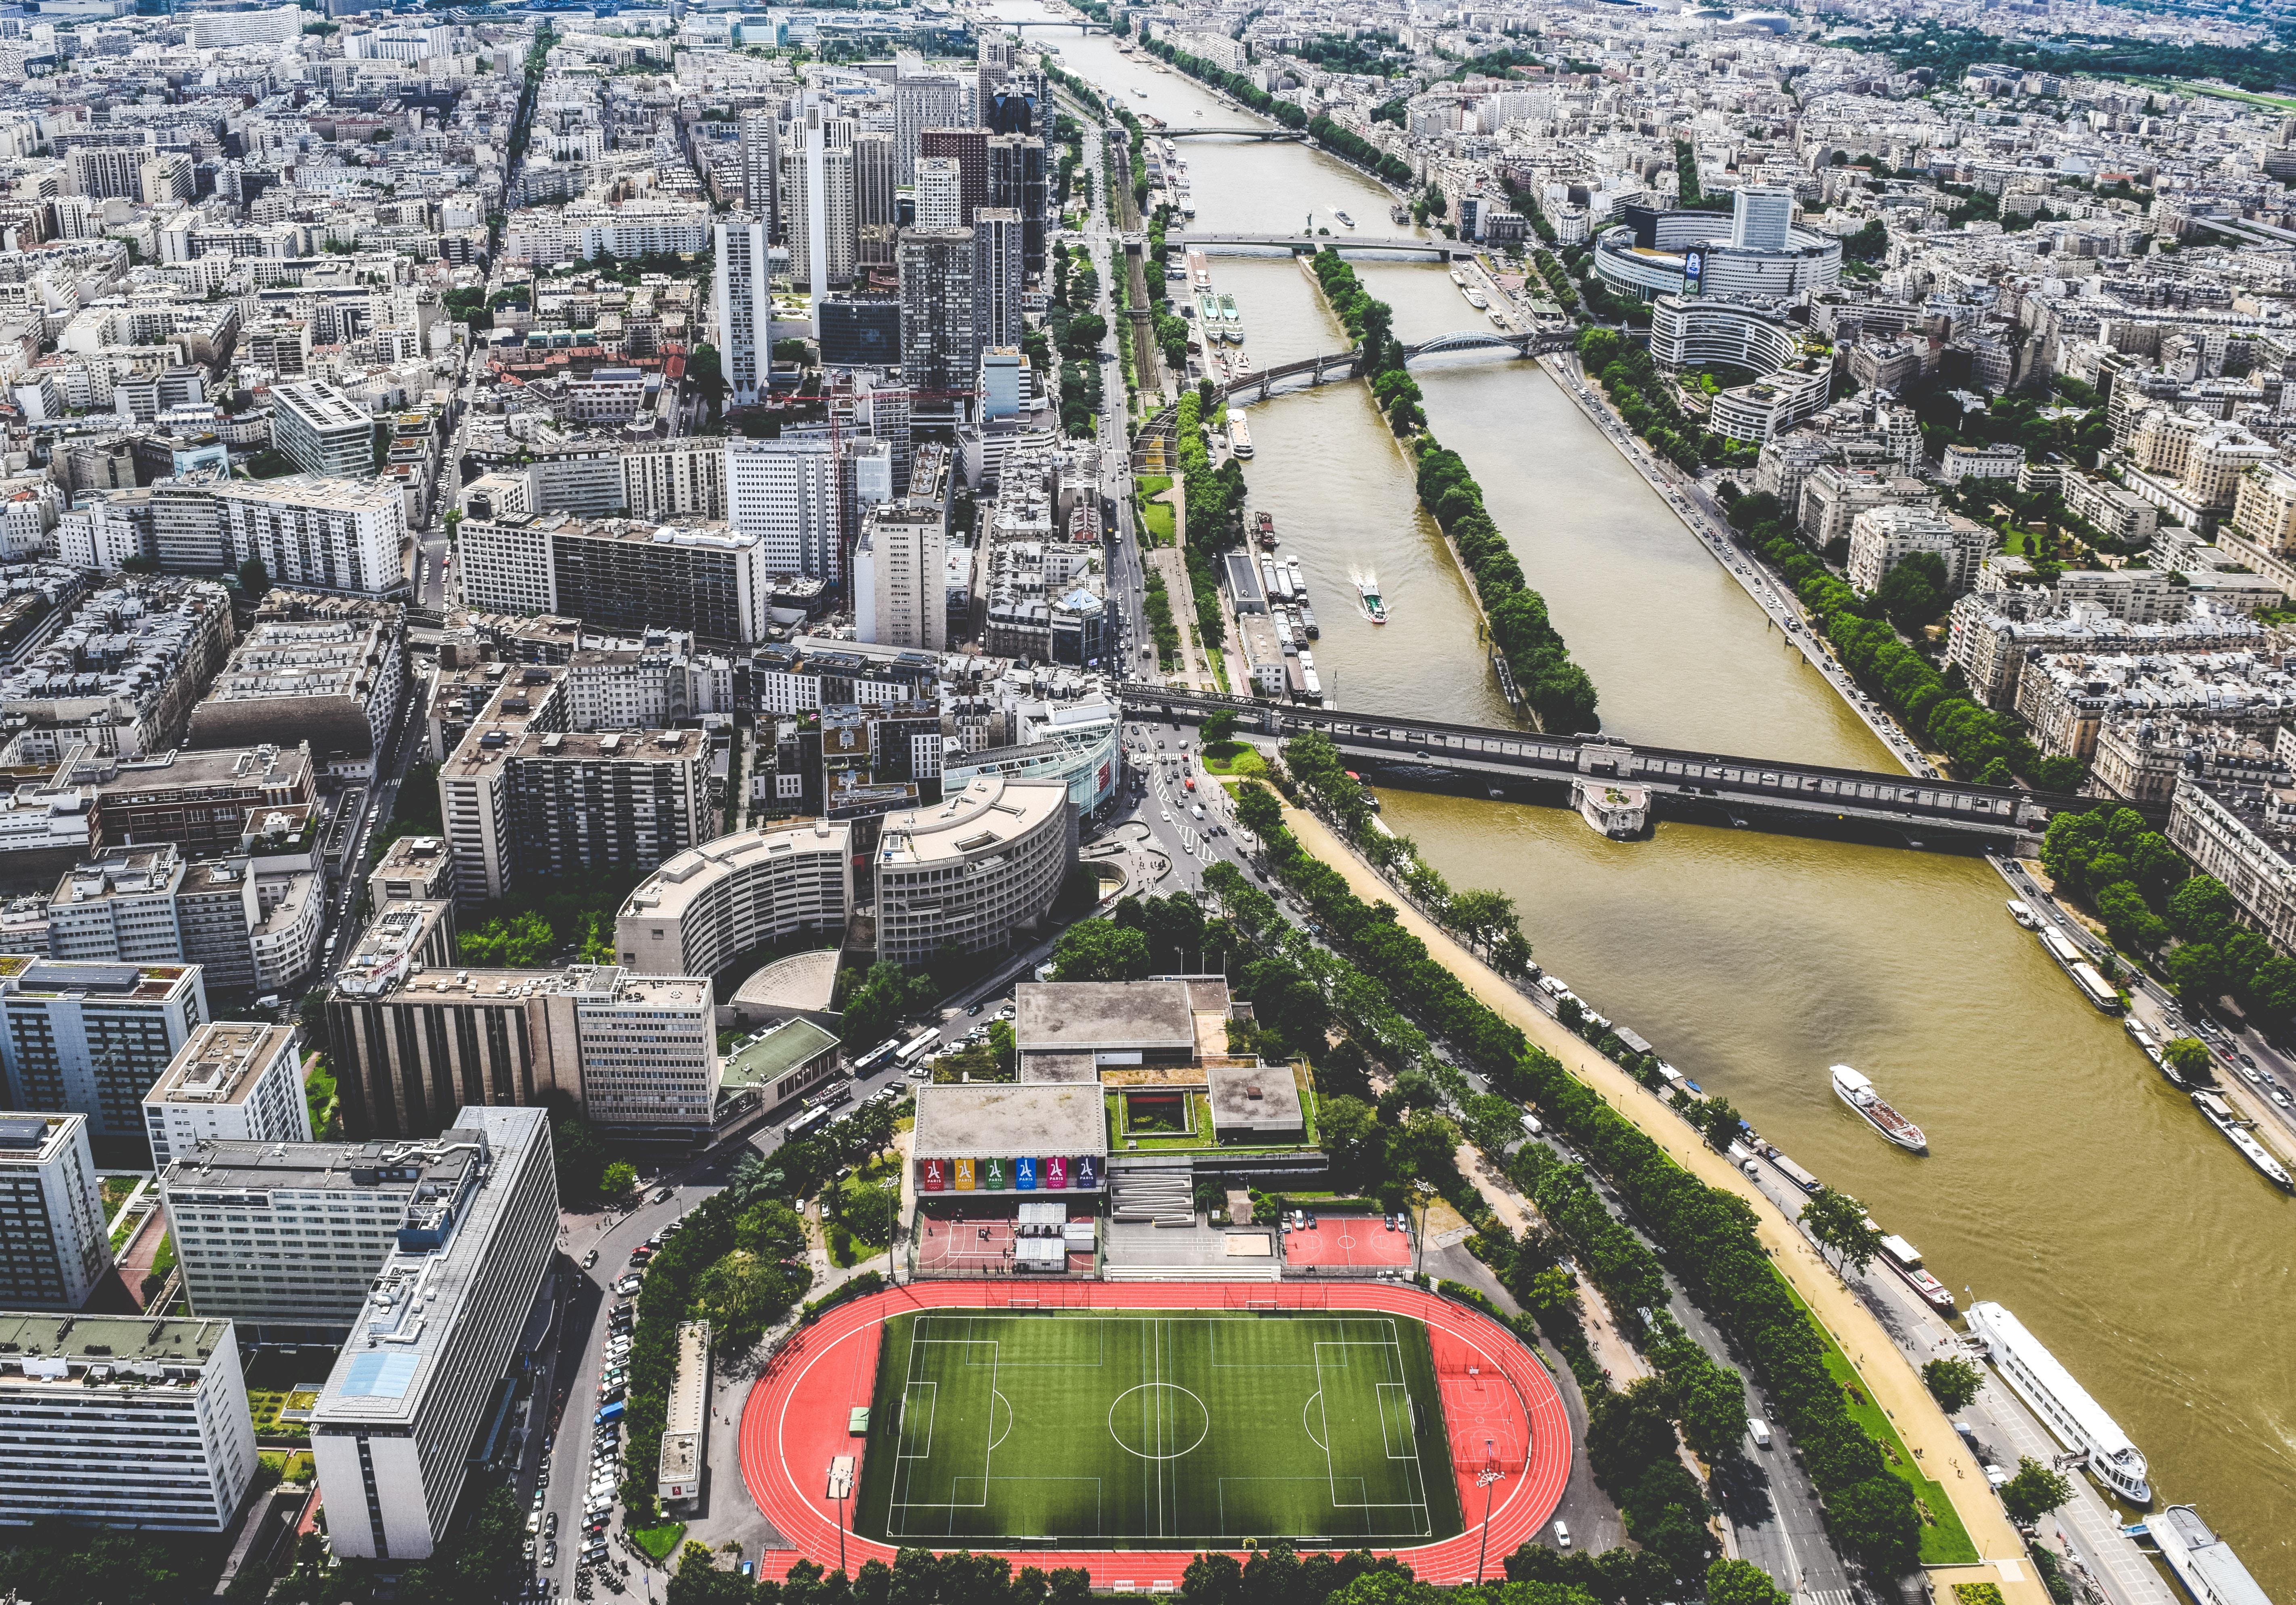 La résilience urbaine face aux catastrophes climatiques